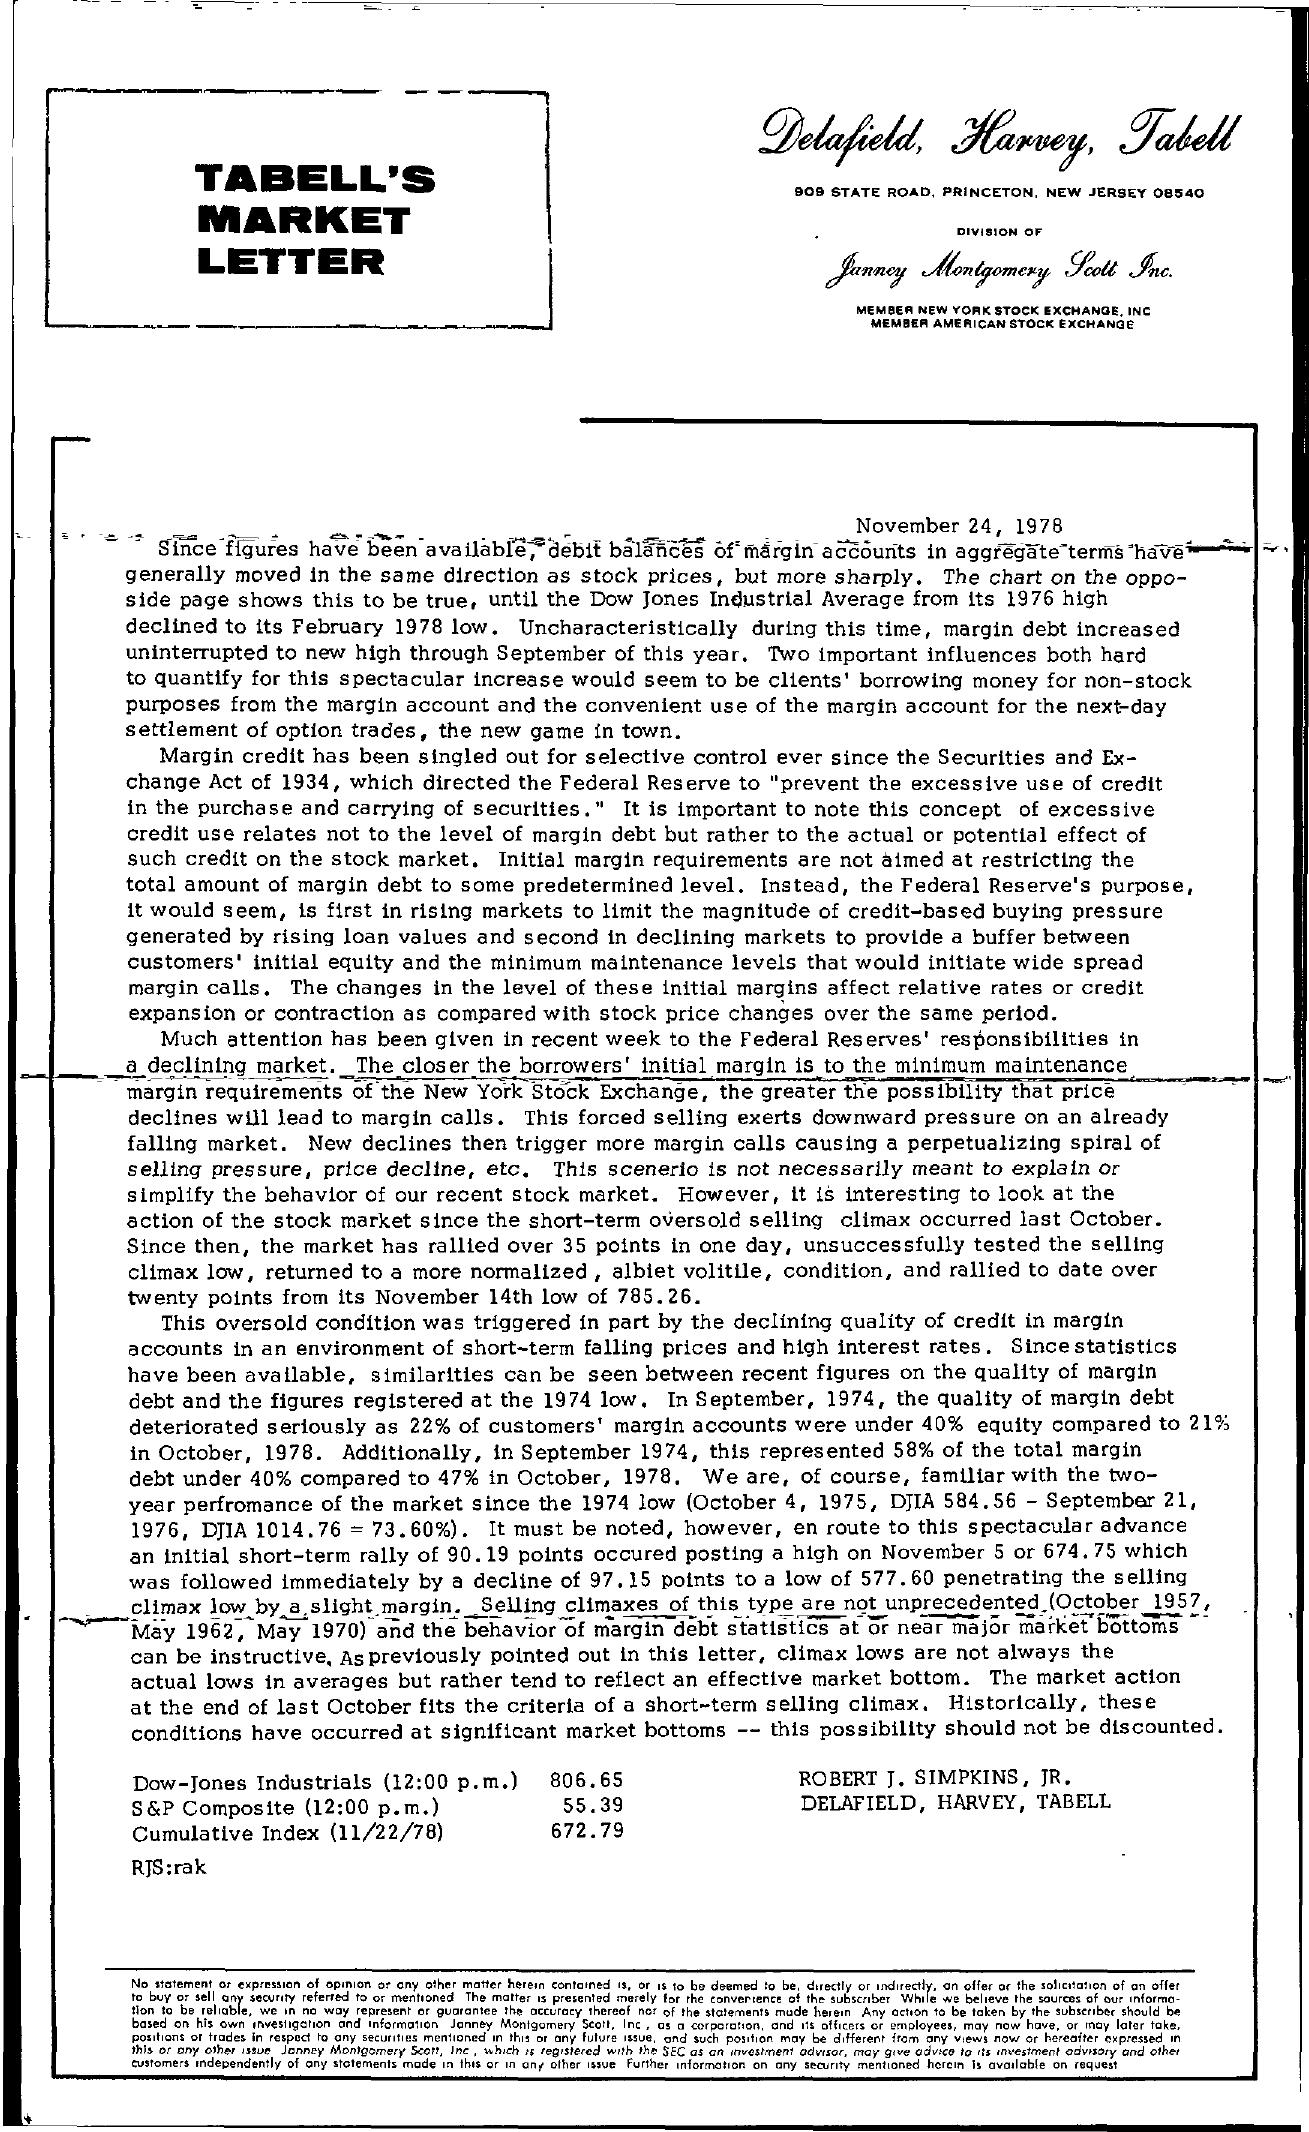 Tabell's Market Letter - November 24, 1978